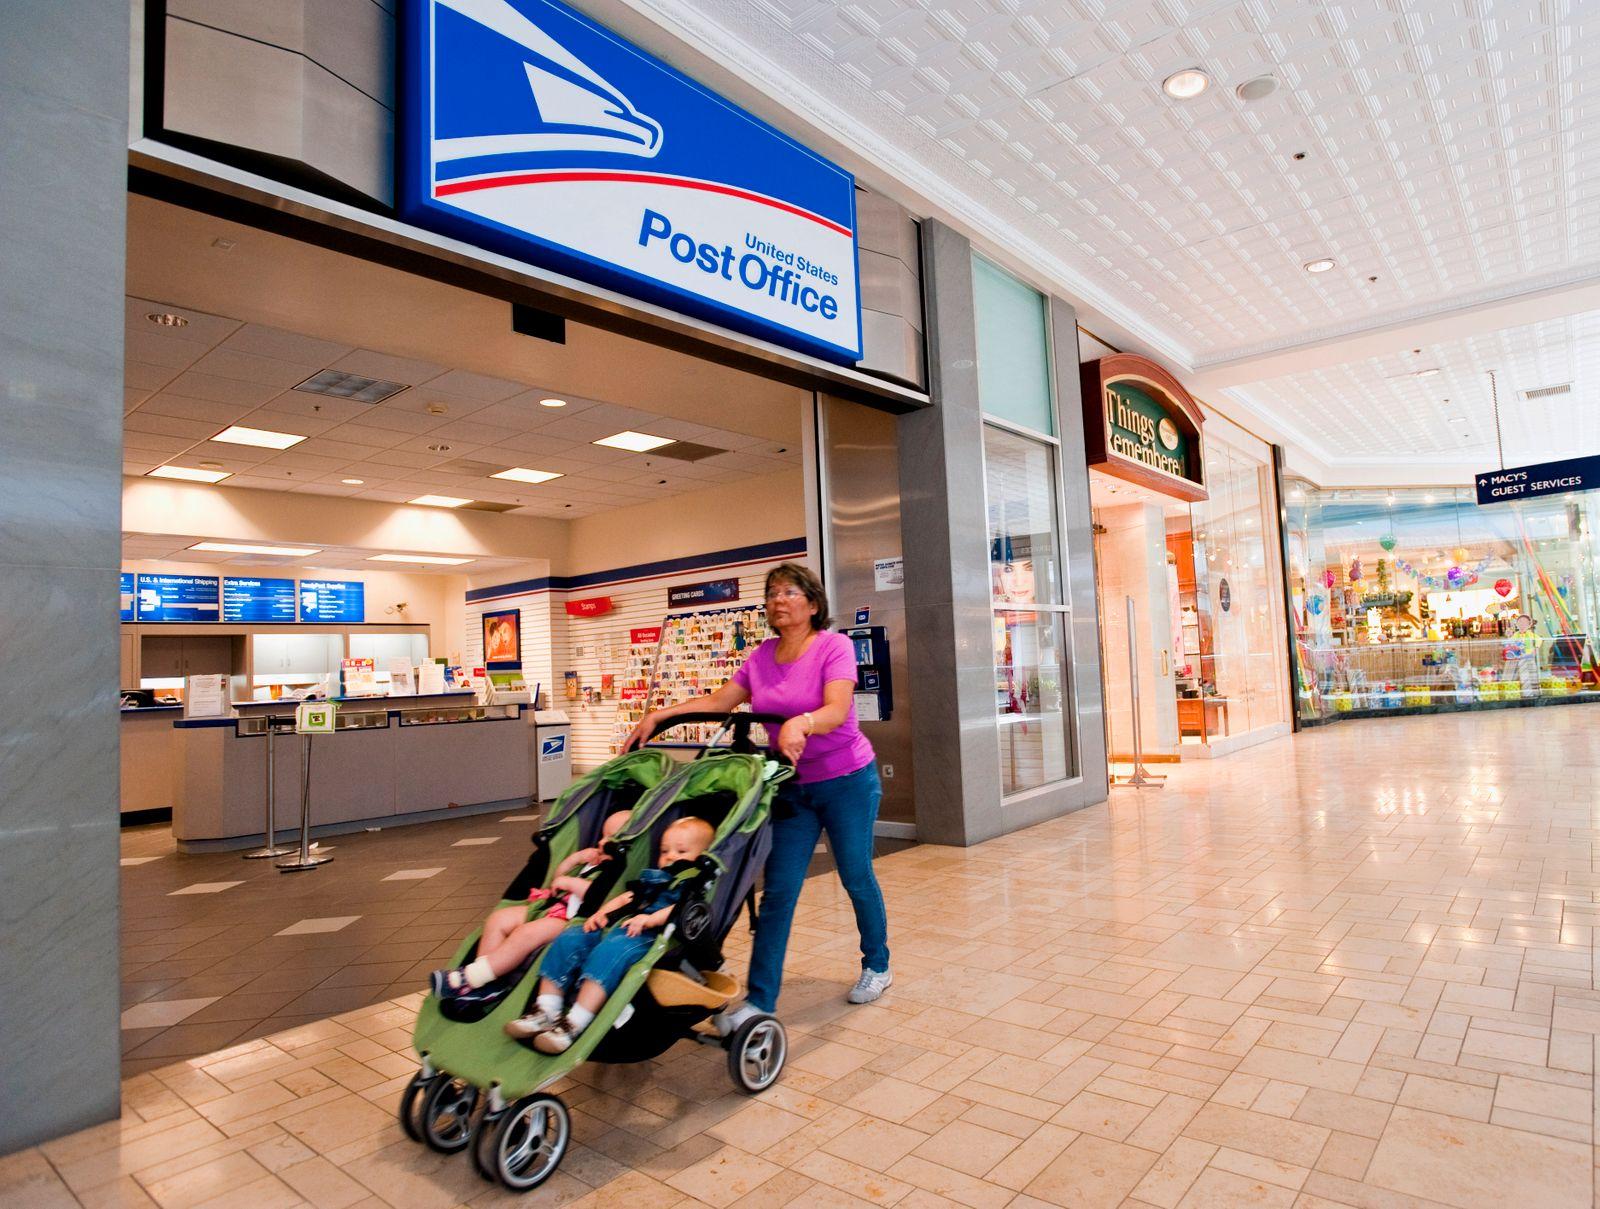 NICHT MEHR VERWENDEN! - United States Post Office / united states postal service / USPS